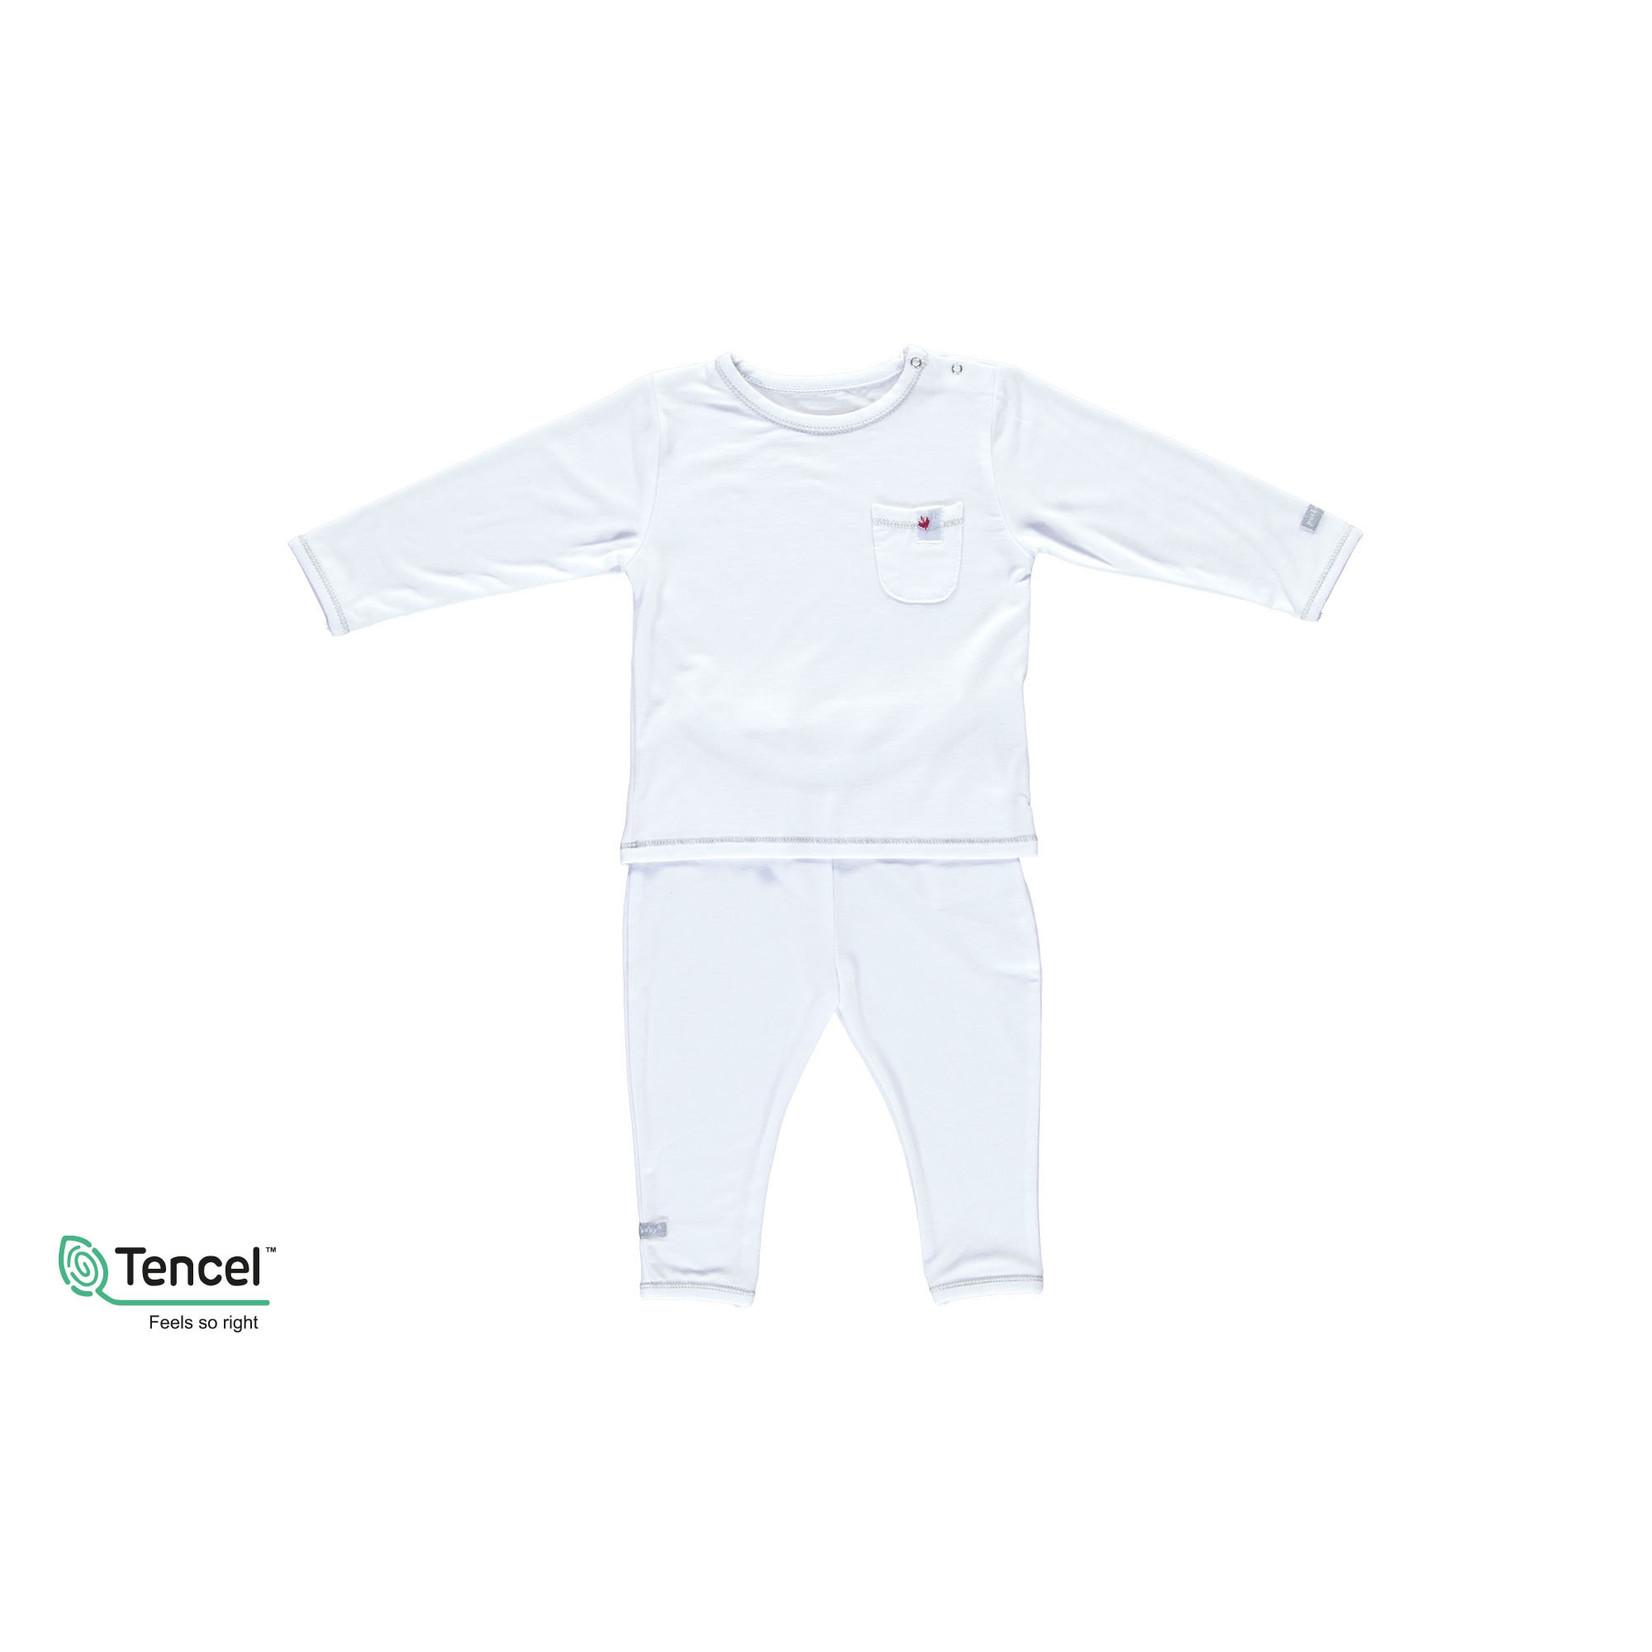 Puckababy Pyjama Tencel